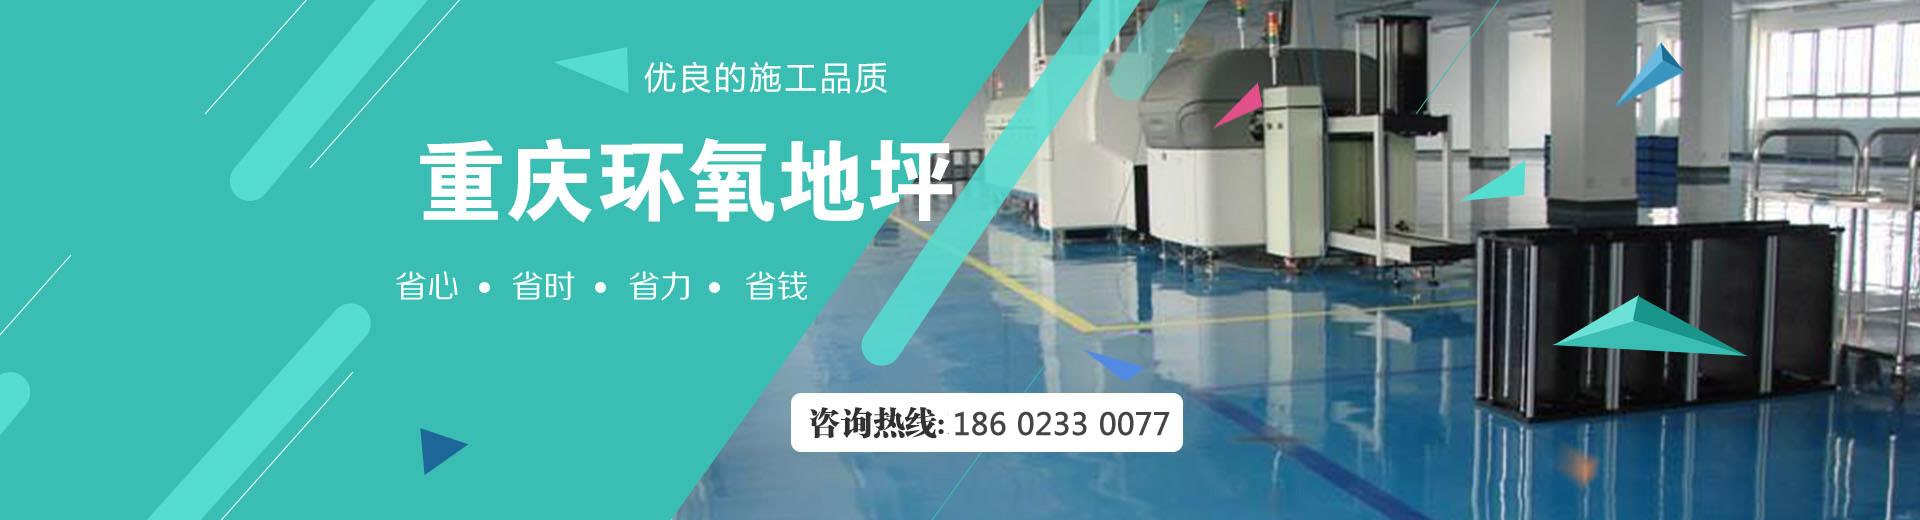 重庆地坪公司,重庆环氧地坪,重庆地坪施工-重庆优地美科技发展有限公司